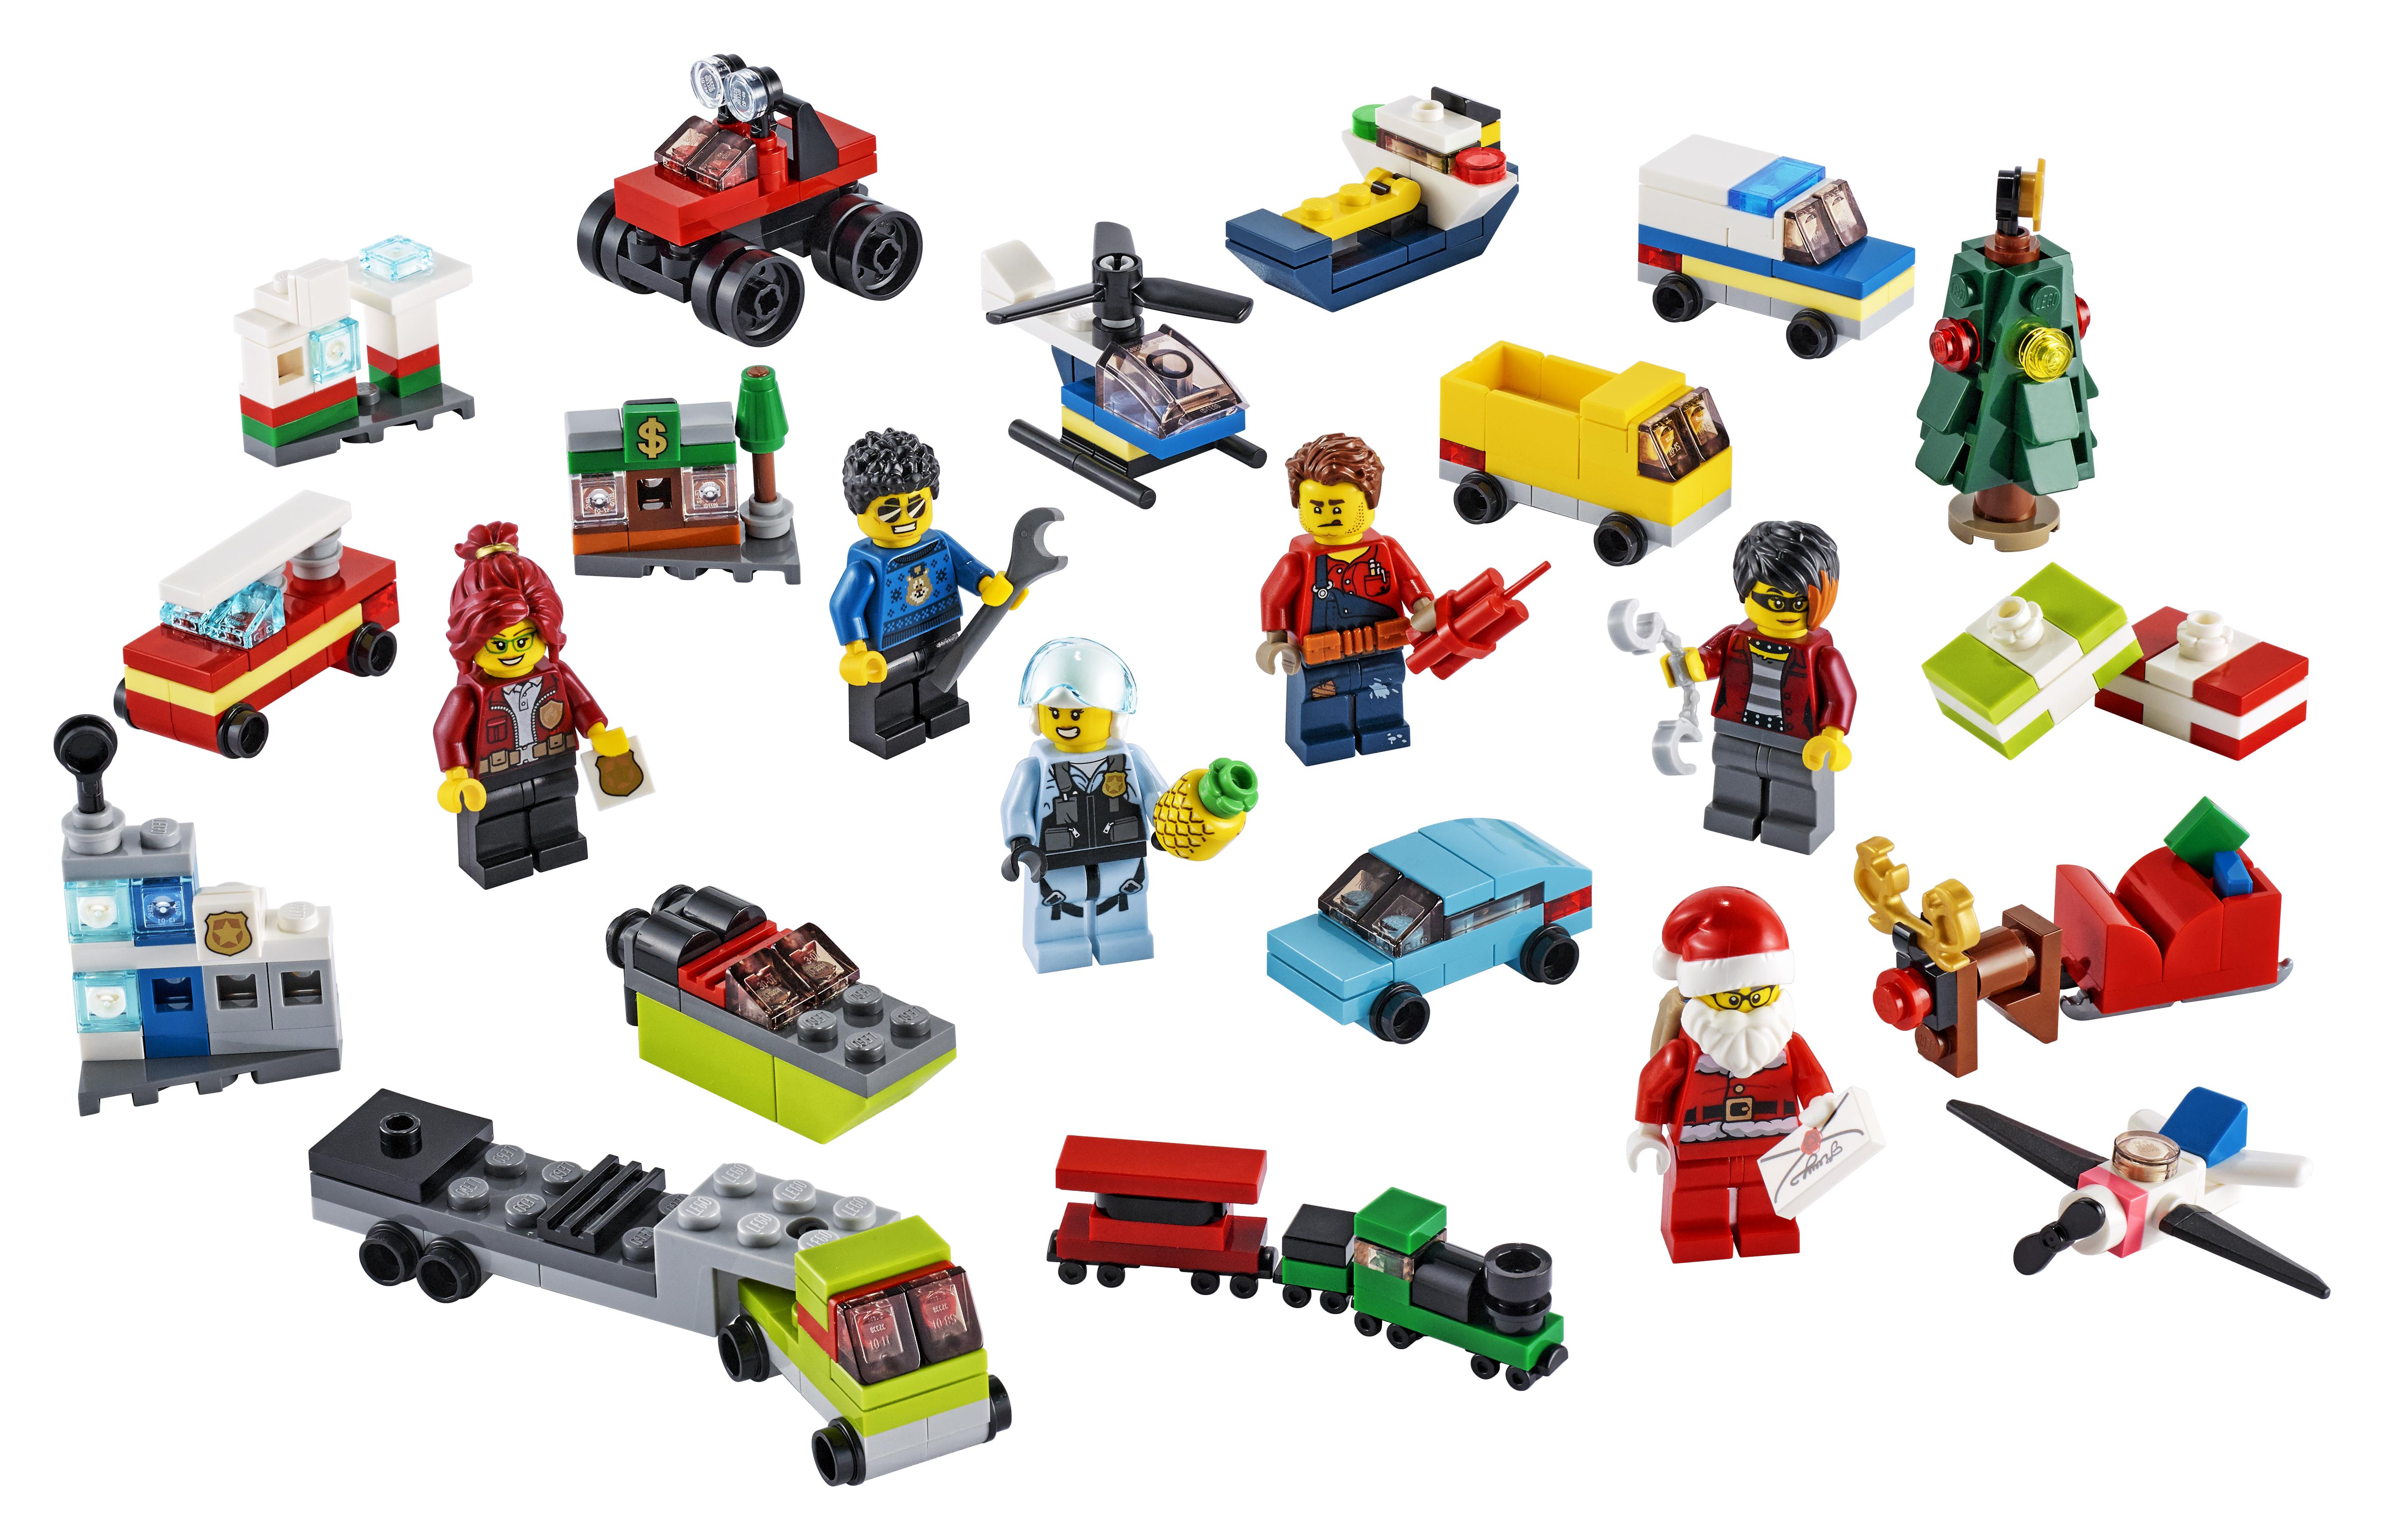 LEGO City Advendikalender 60268, 2020 aasta kalender